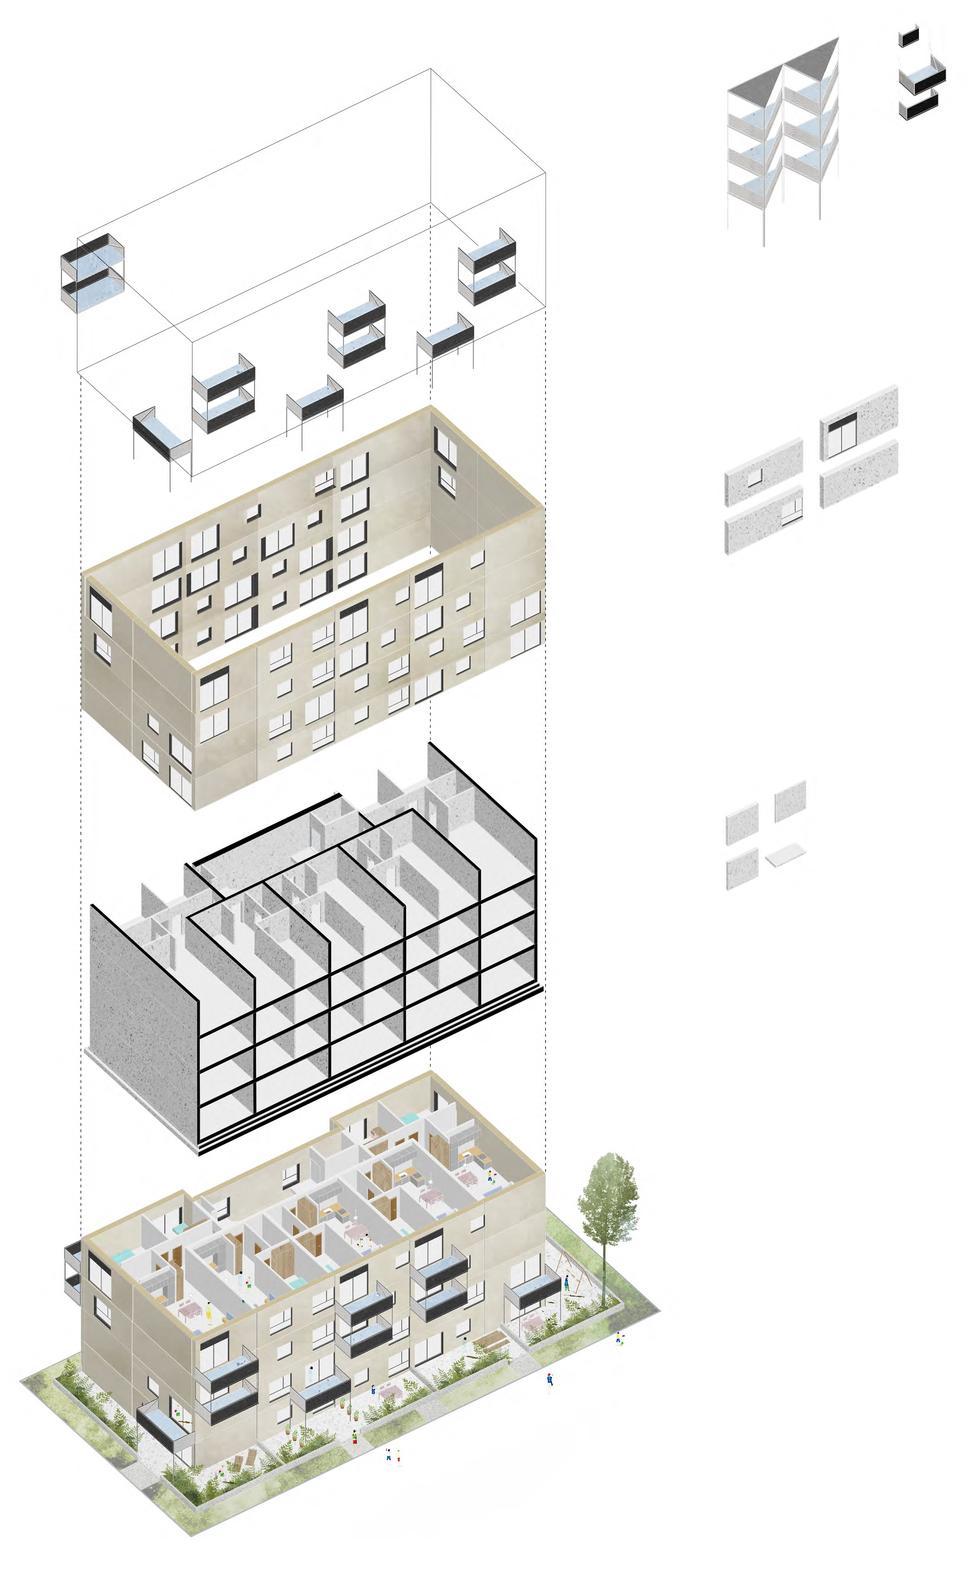 BBGK Architekci zwycięzcą konkursu na projekt współczesnego systemu prefabrykacji